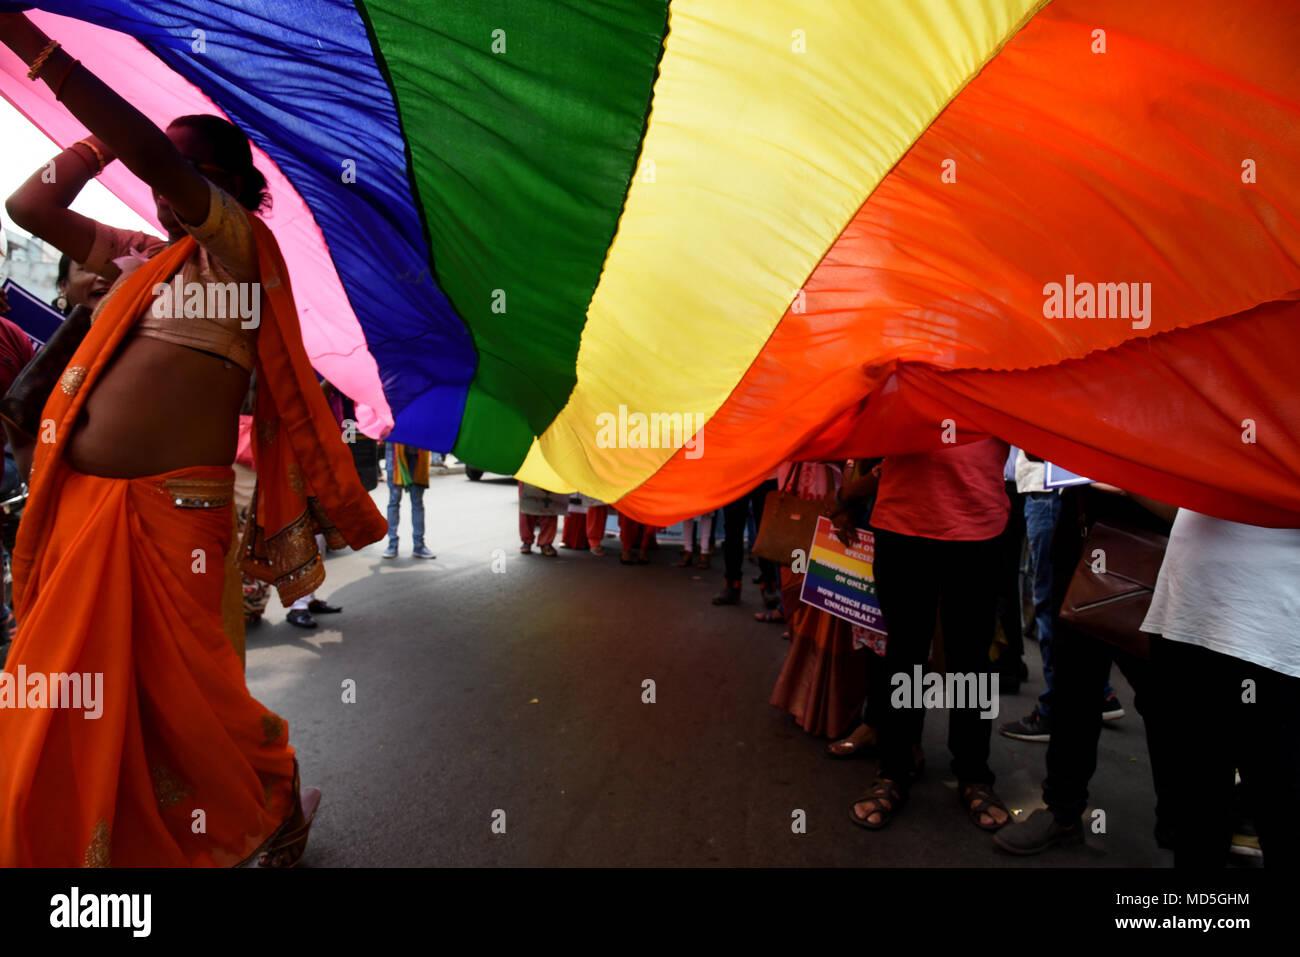 Jamshedpur gay dating goede vragen om te vragen bij een speed dating evenement